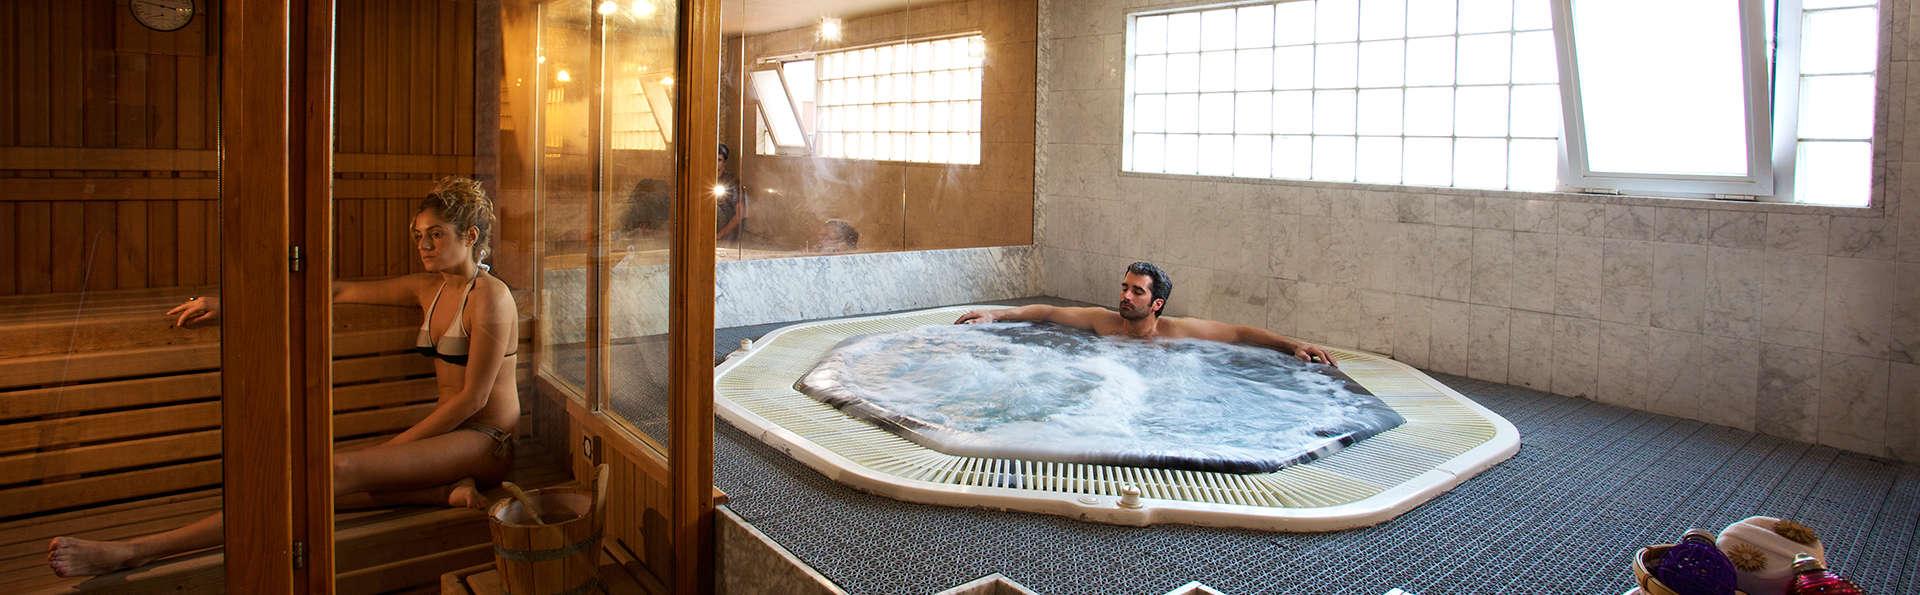 Relax en pareja con Spa privado cerca de Sitges